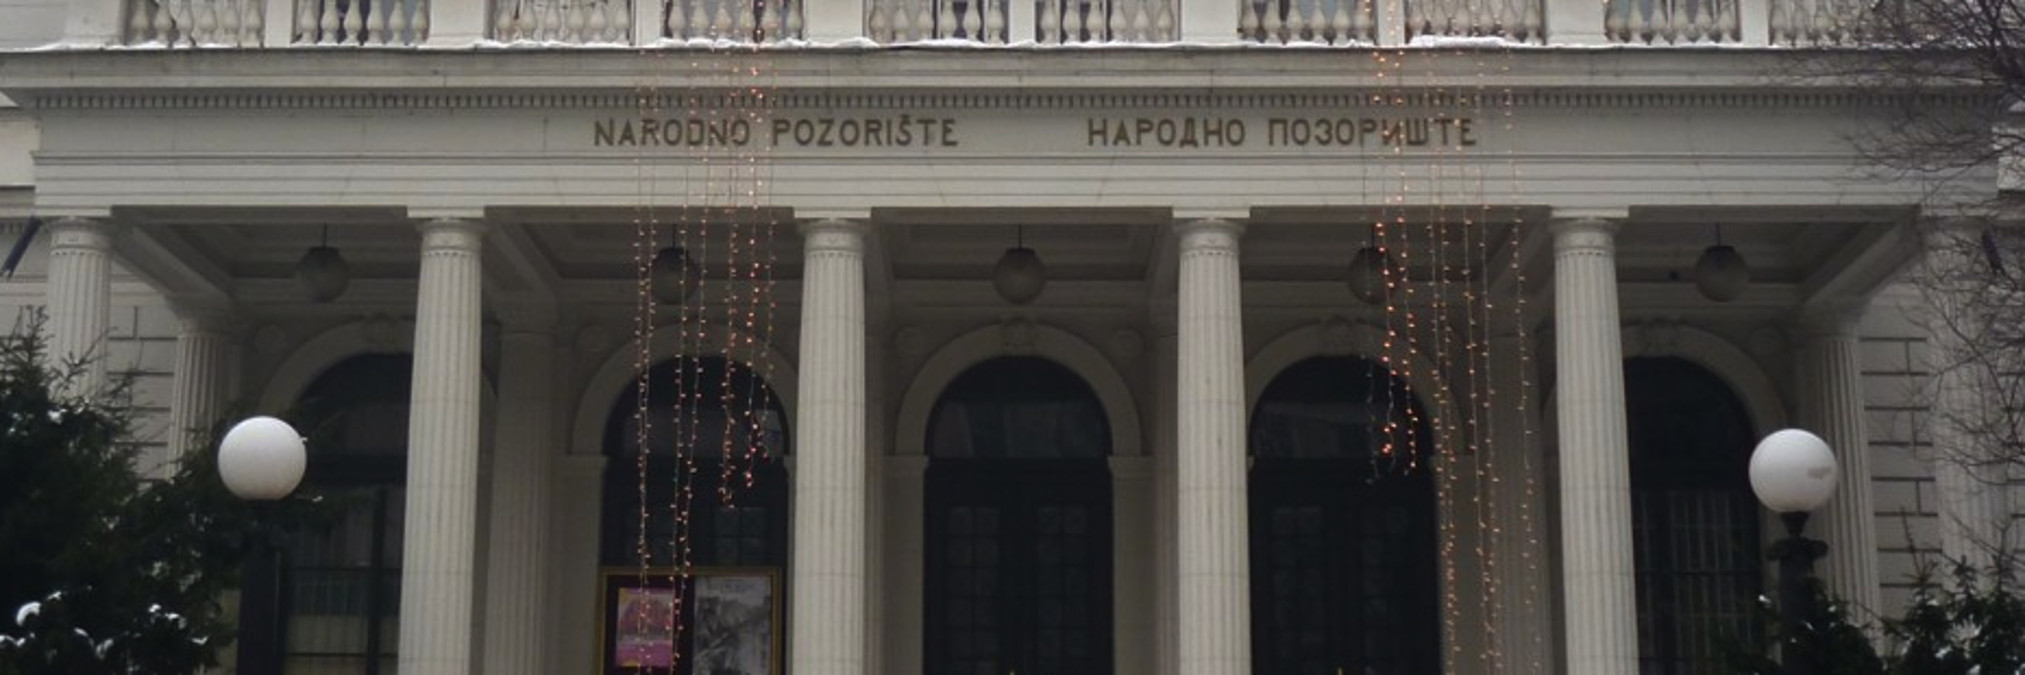 Народный театр в Сараево